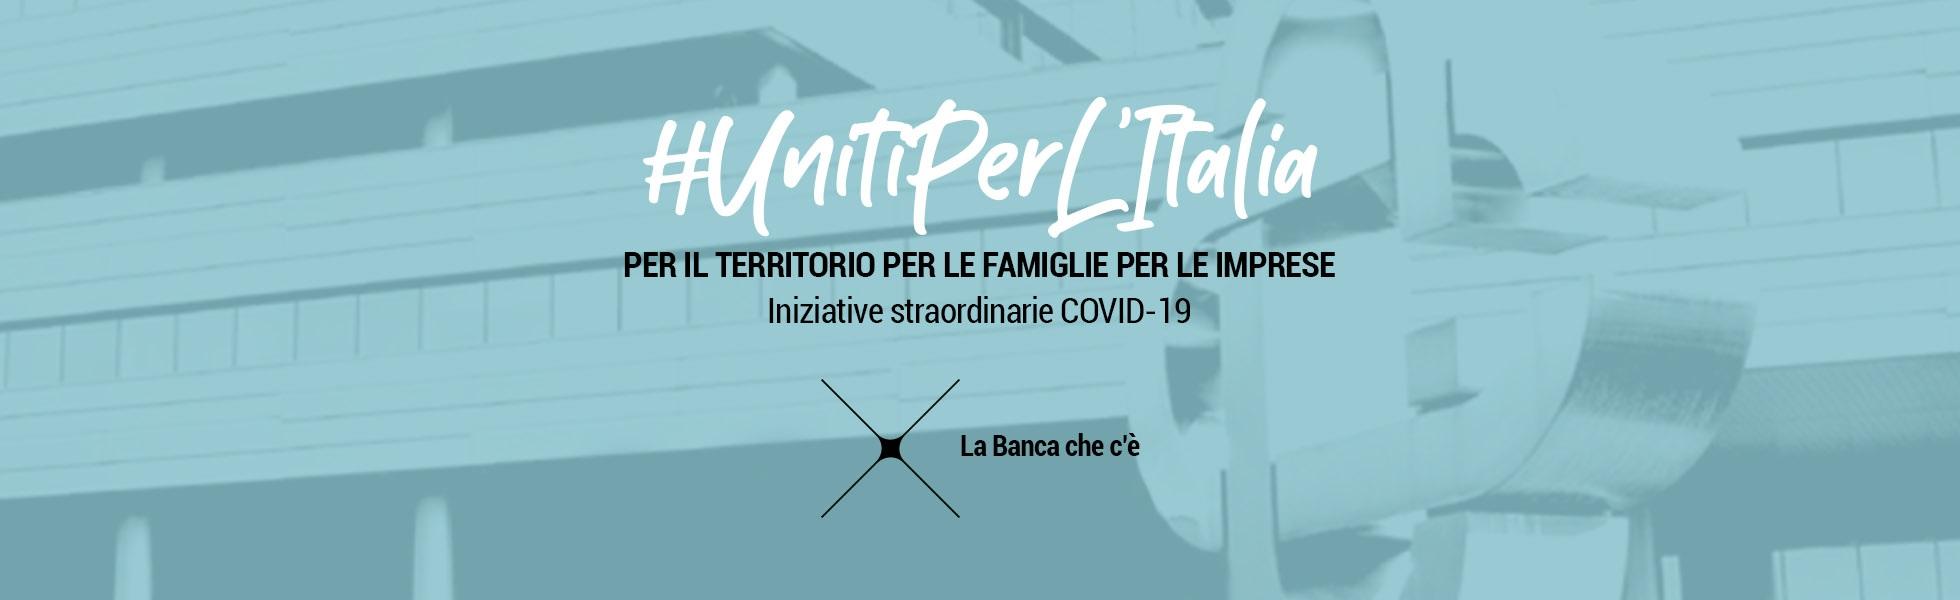 Covid-19 Uniti per l'Italia